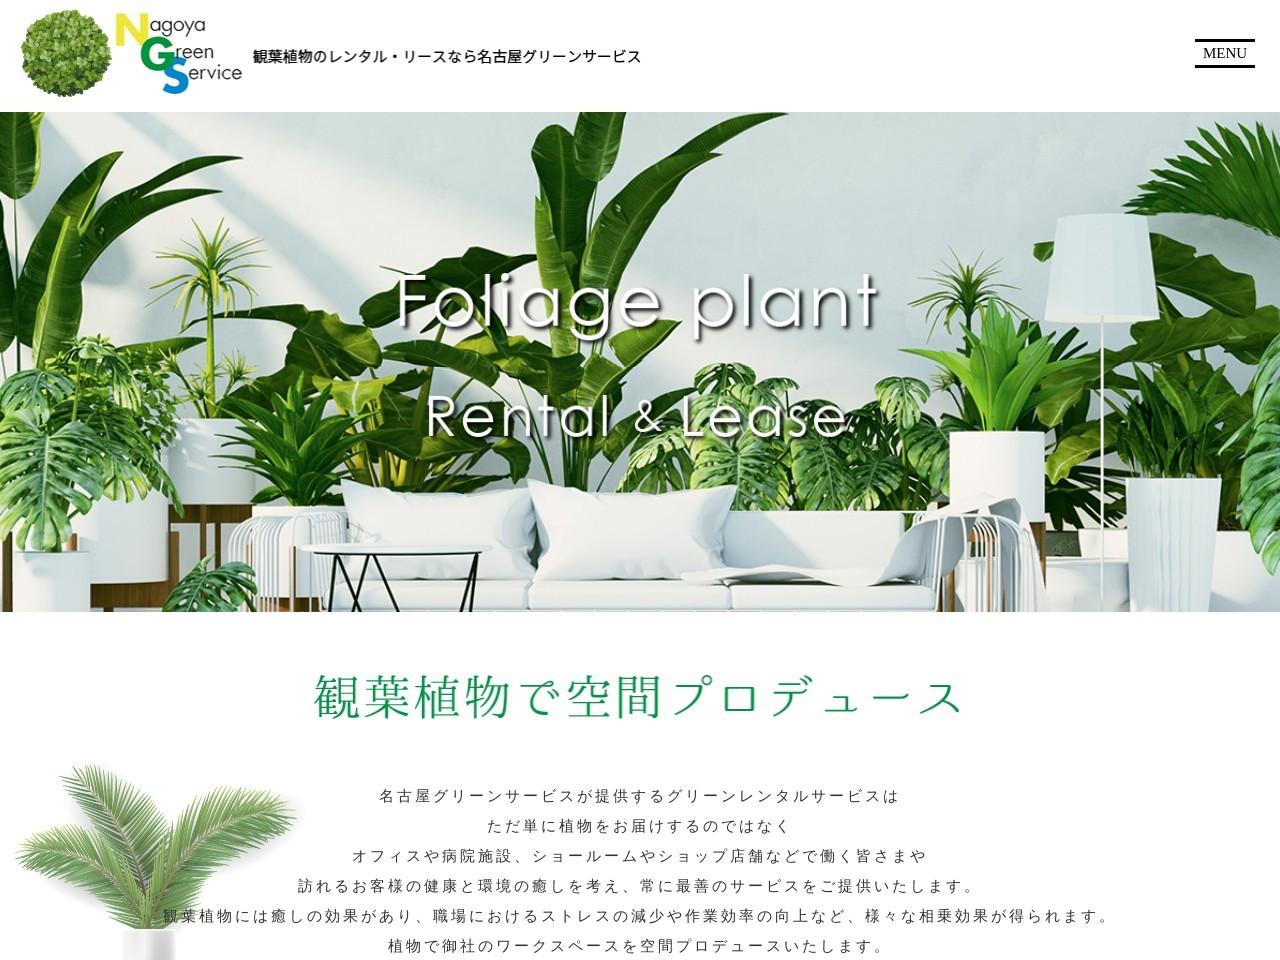 名古屋グリーンサービス株式会社